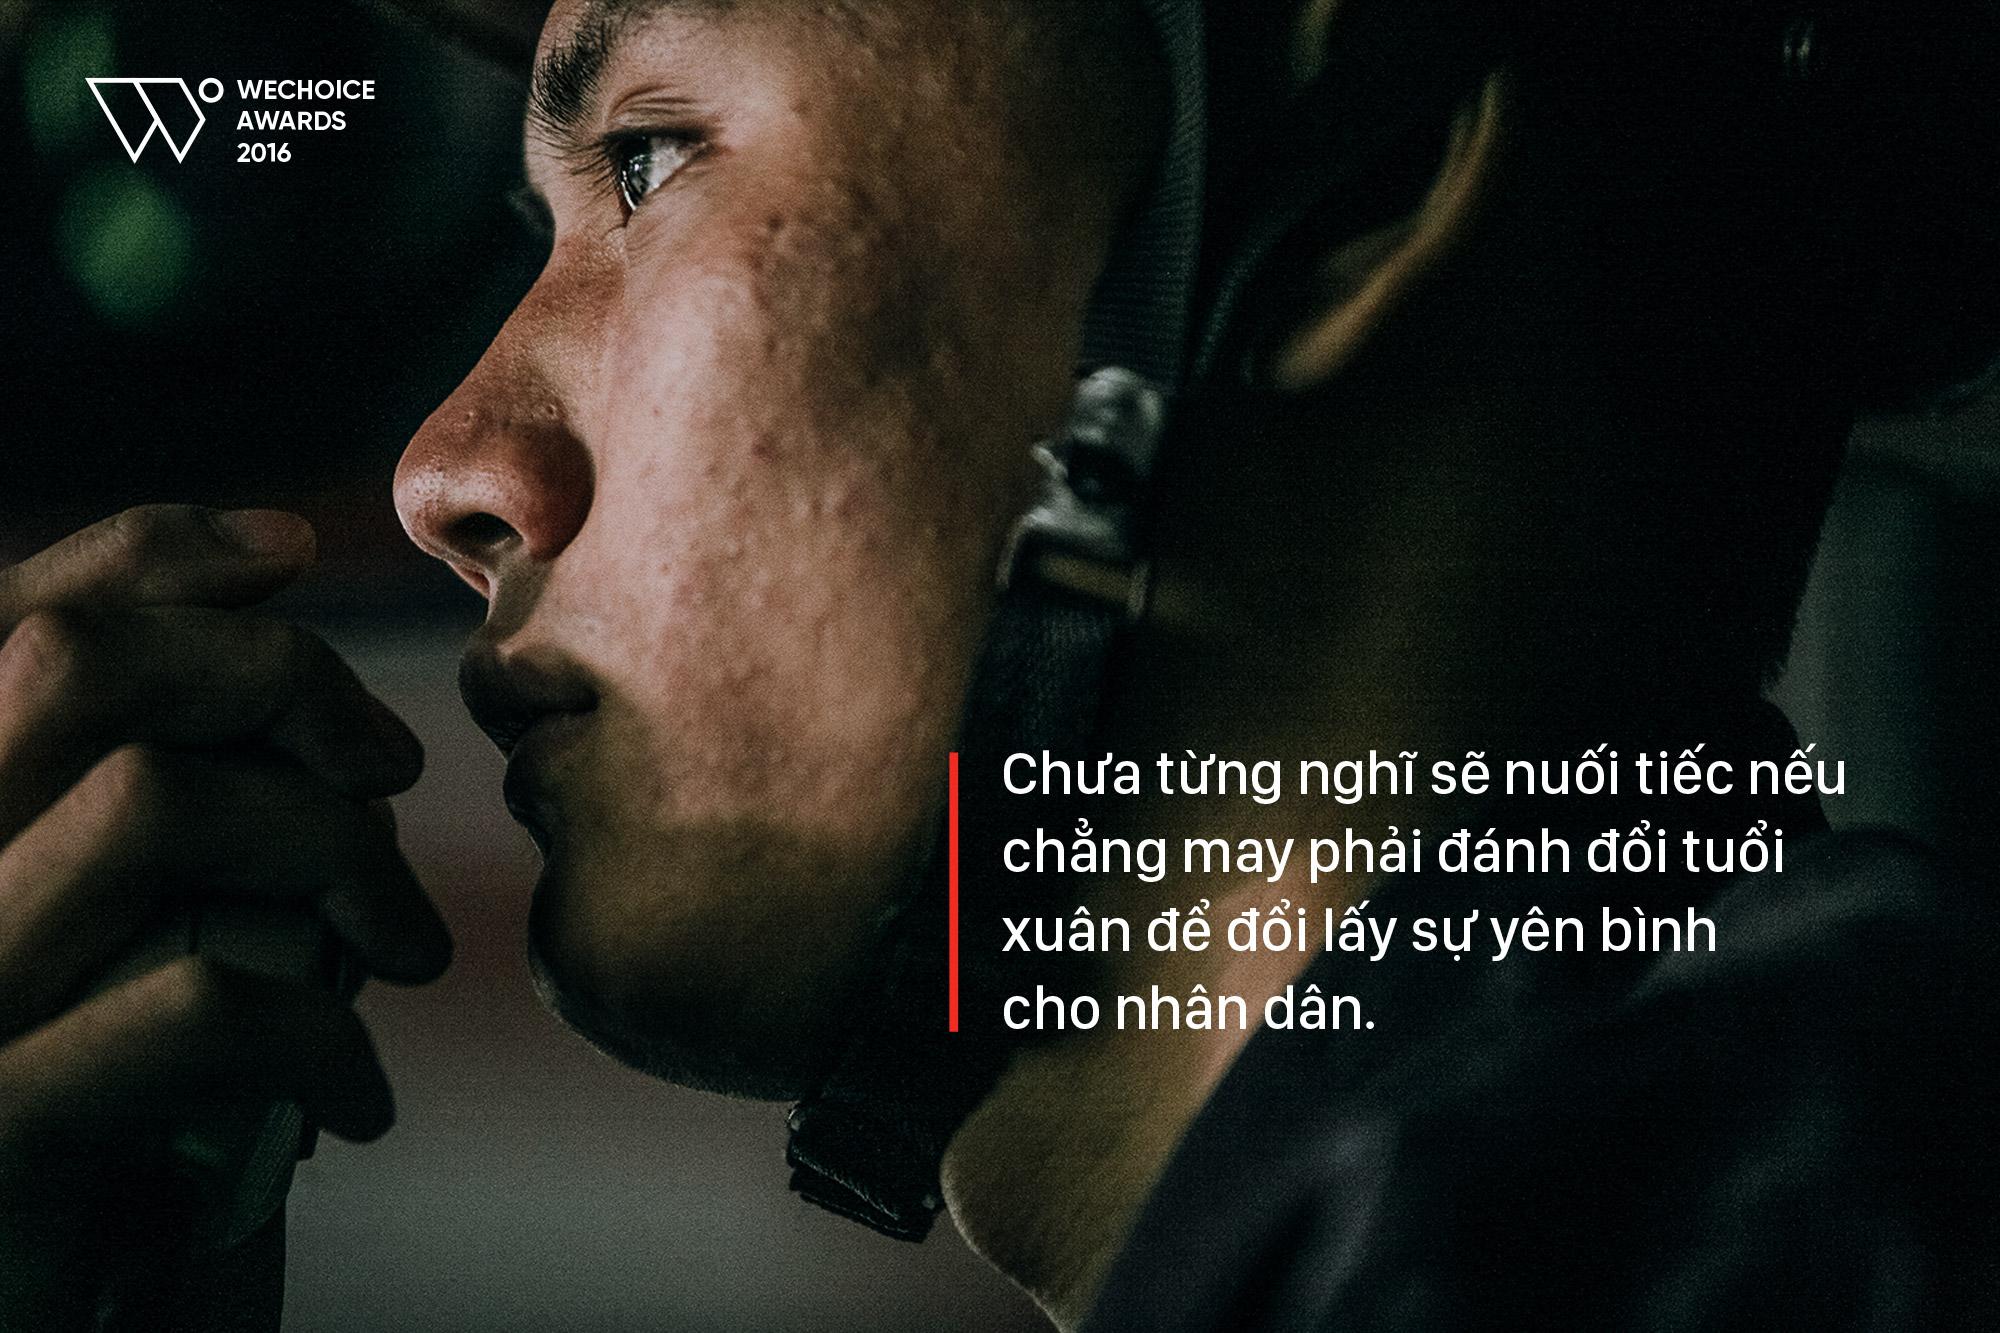 Năm 18 tuổi – Nếu được chọn, bạn có theo nghề lính cứu hỏa như những chàng trai dũng cảm này không? - Ảnh 9.